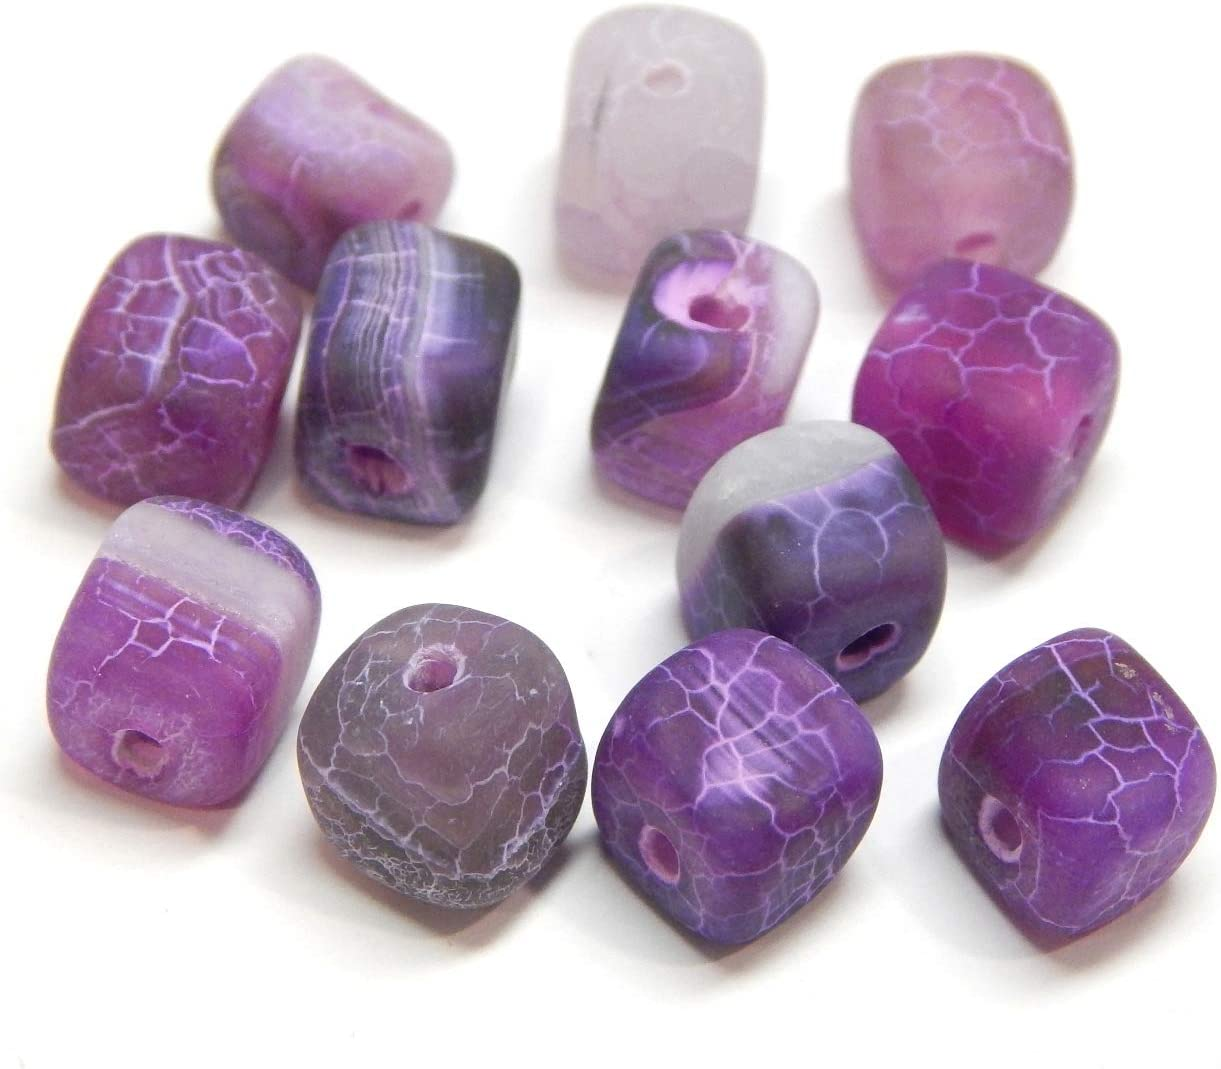 Piedra de ágata mate esmerilada, perlas de piedras preciosas, 8 mm, 12 unidades, cubos de piedra natural, perlas de ágata esmerilada, piedras semipreciosas, joyas, color a elegir, piedra, morado